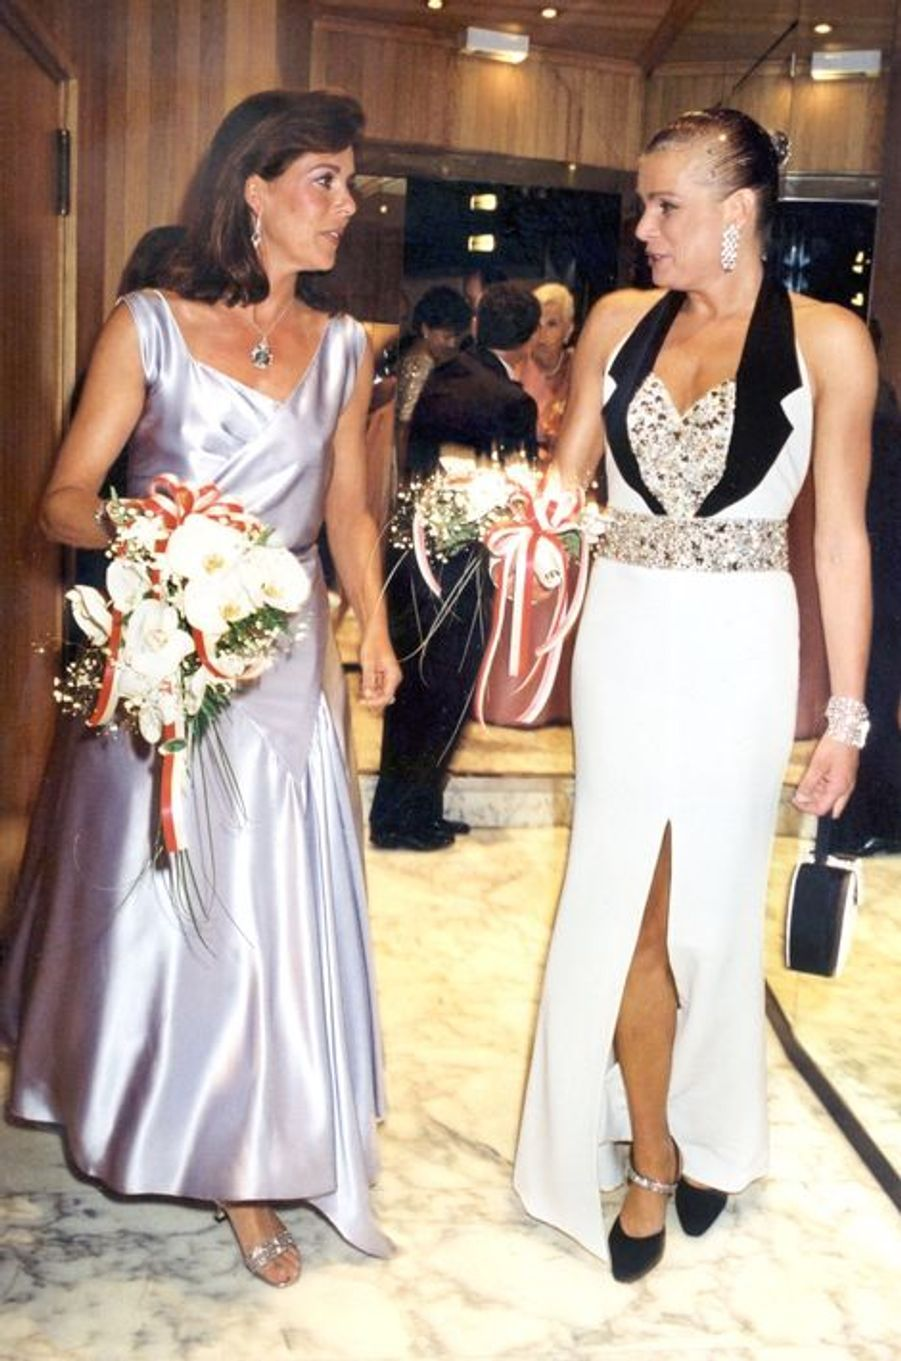 La princesse Stéphanie de Monaco le 5 août 2000, avec la princesse Caroline